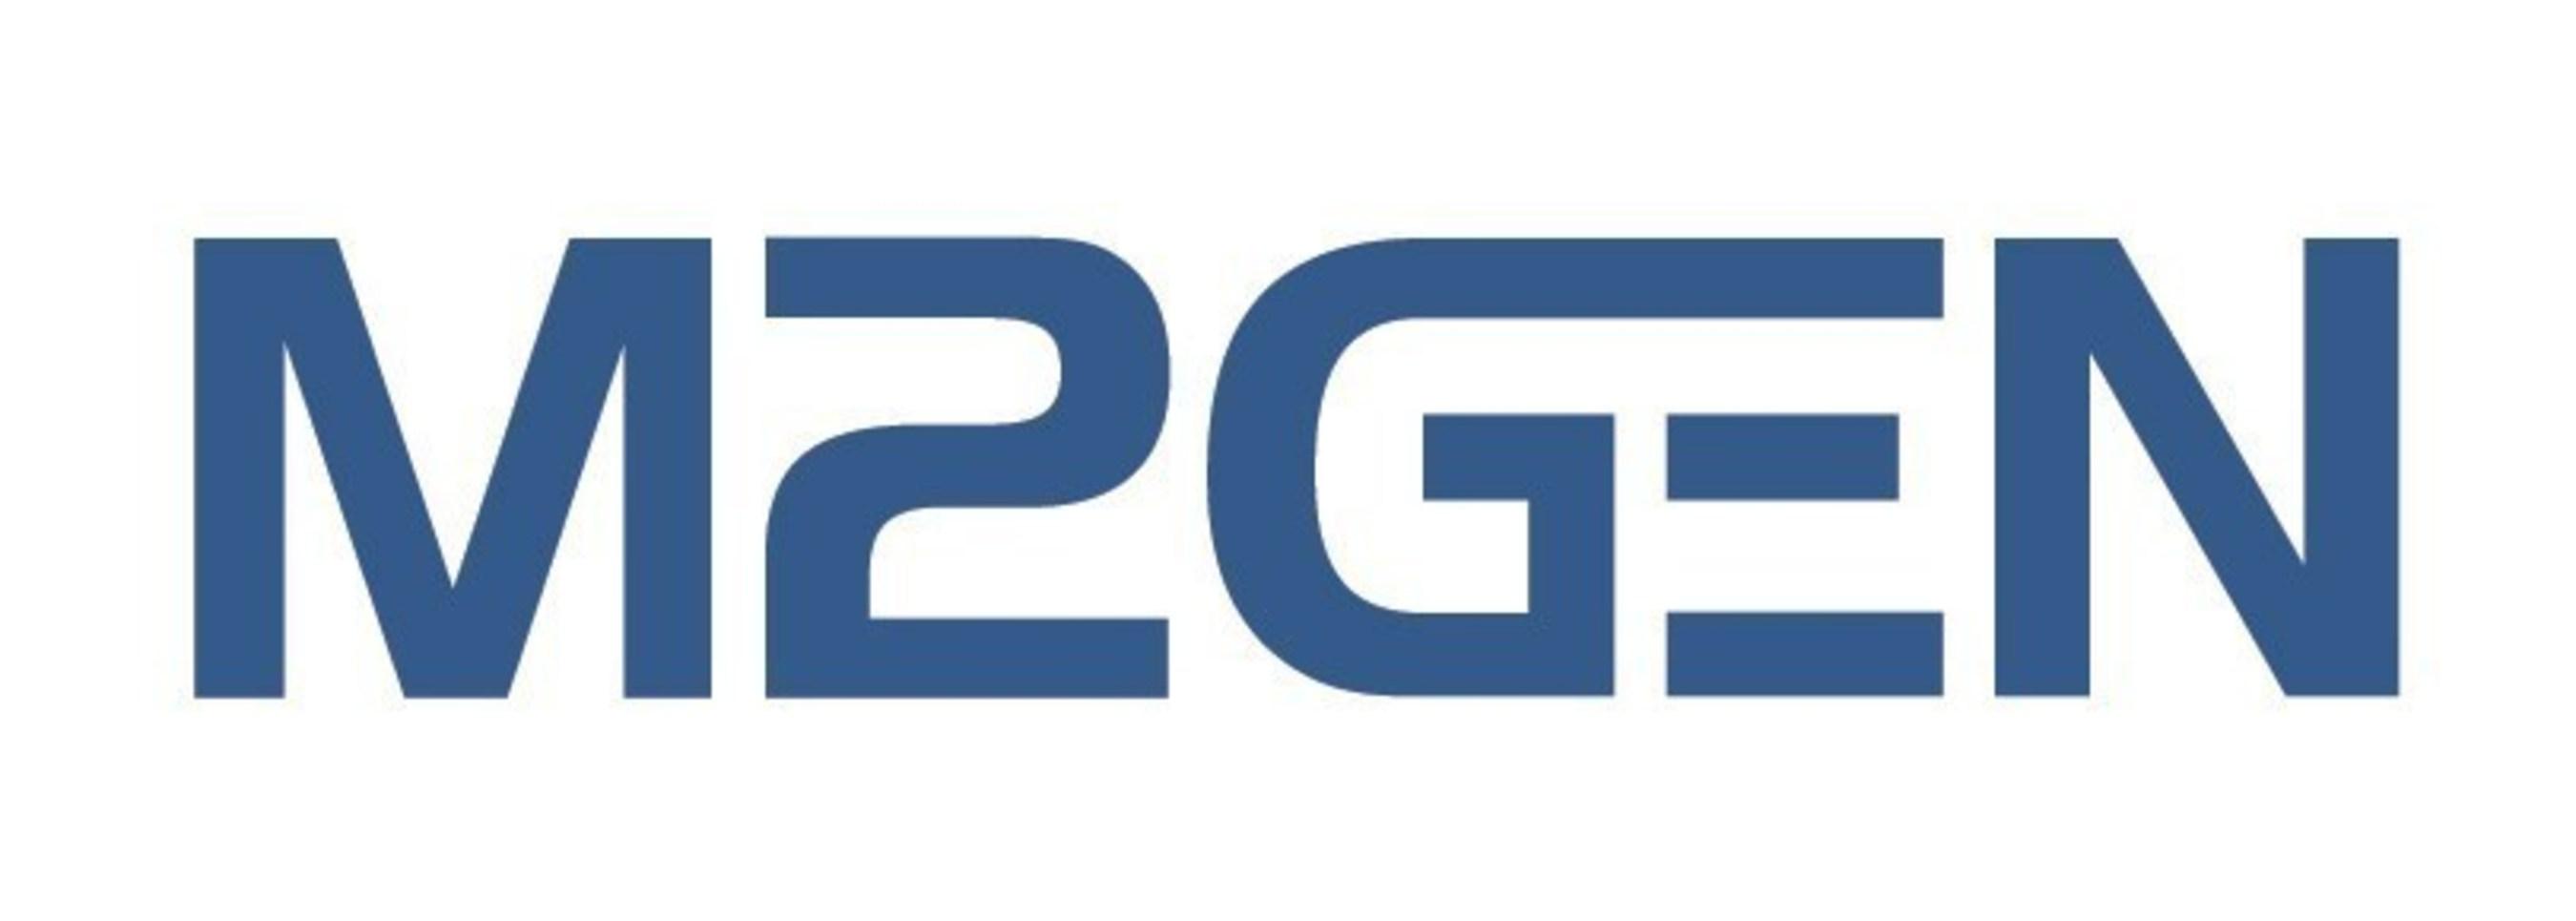 M2Gen logo